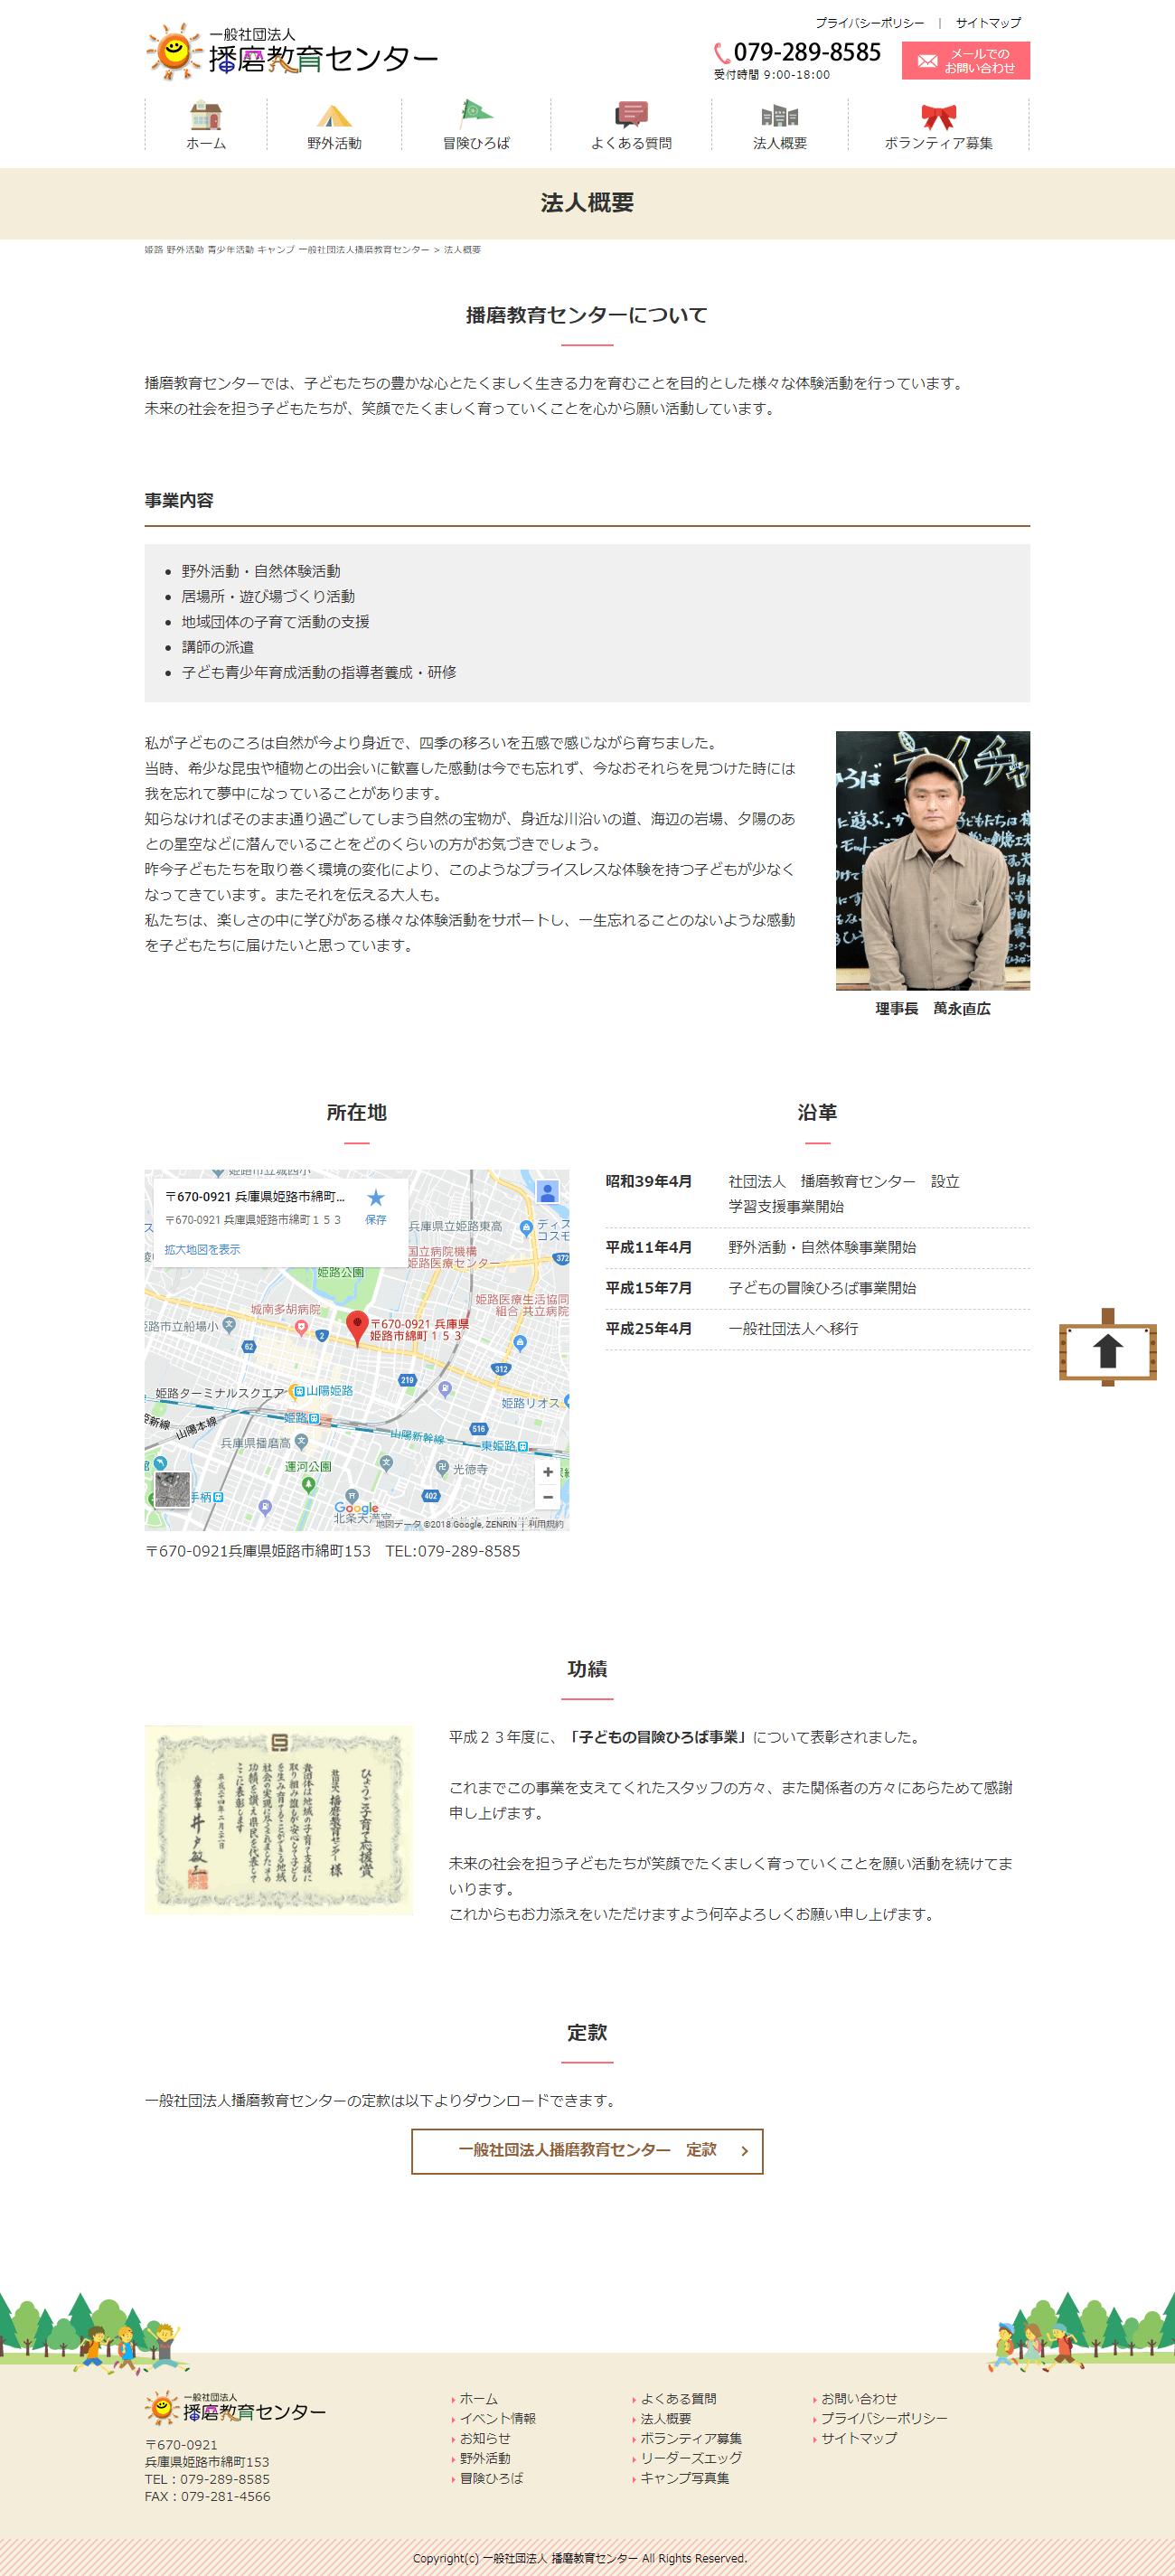 姫路市 一般社団法人播磨教育センター様 ホームページ制作2